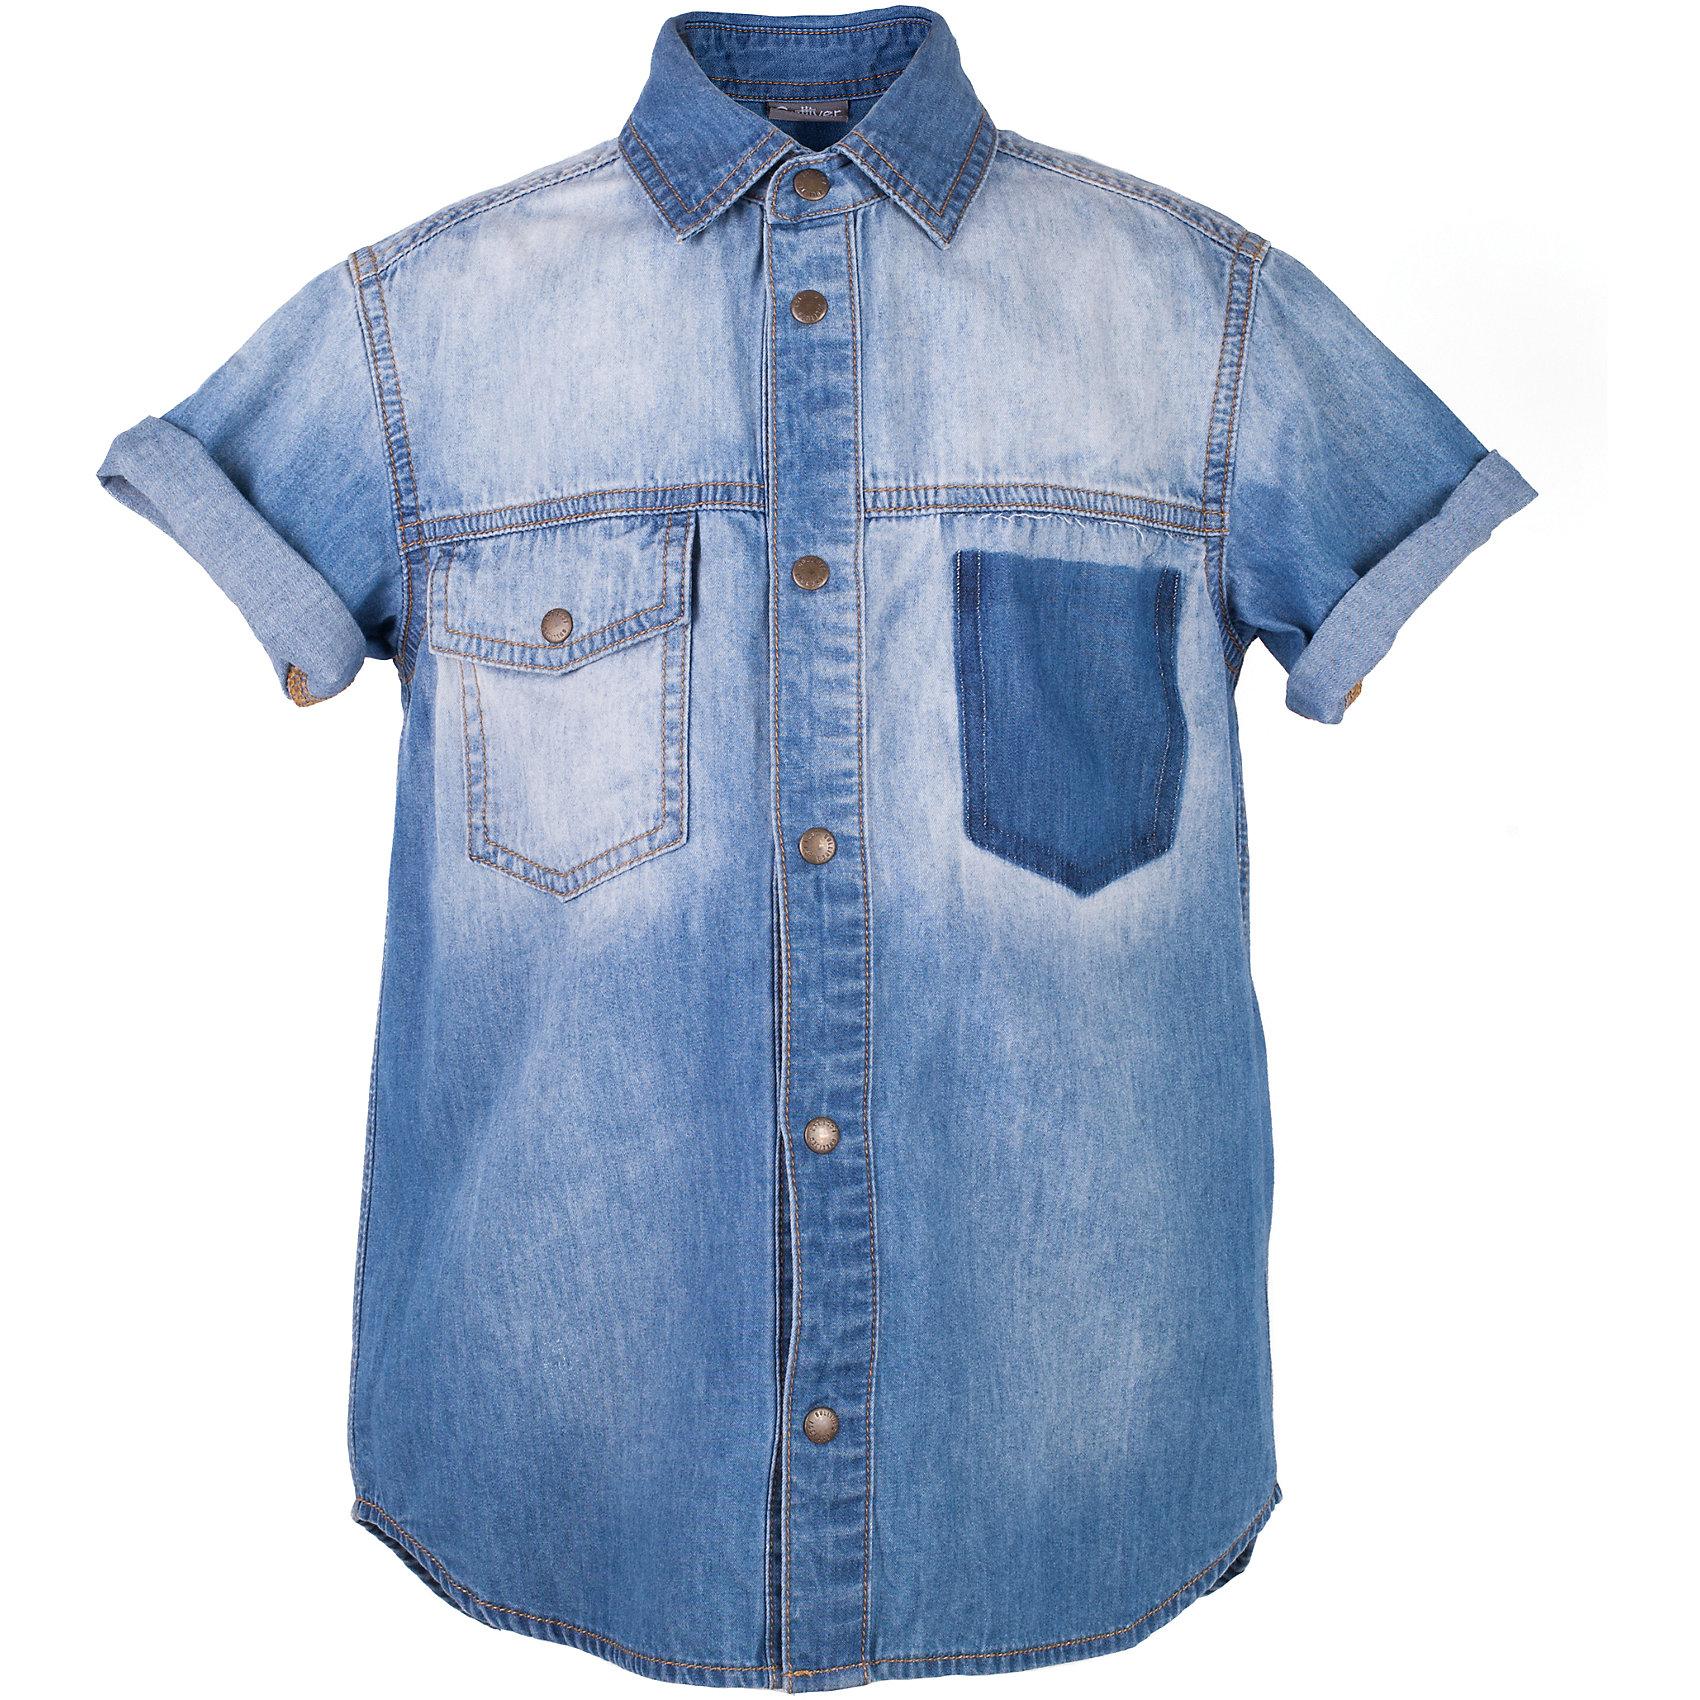 Рубашка джинсовая для мальчика GulliverДжинсовая одежда<br>Джинсовая рубашка для мальчика снова входит в Топ 10 самых популярных моделей сезона Весна/Лето 2017! Модная форма, продуманные детали, интересные фишки, придающие модели яркие индивидуальные черты, а также классная варка изделия делают рубашку выразительным акцентом повседневного образа. Если стиль и качество для вас не пустые слова, а практичность и функциональность означают удобство, комфорт и большие возможности в сочетании этой рубашки с любыми шортами и брюками, вам стоит купить джинсовую рубашку для мальчика и вы никогда об этом не пожалеете!<br>Состав:<br>100% хлопок<br><br>Ширина мм: 174<br>Глубина мм: 10<br>Высота мм: 169<br>Вес г: 157<br>Цвет: синий<br>Возраст от месяцев: 108<br>Возраст до месяцев: 120<br>Пол: Мужской<br>Возраст: Детский<br>Размер: 140,122,128,134<br>SKU: 5484212